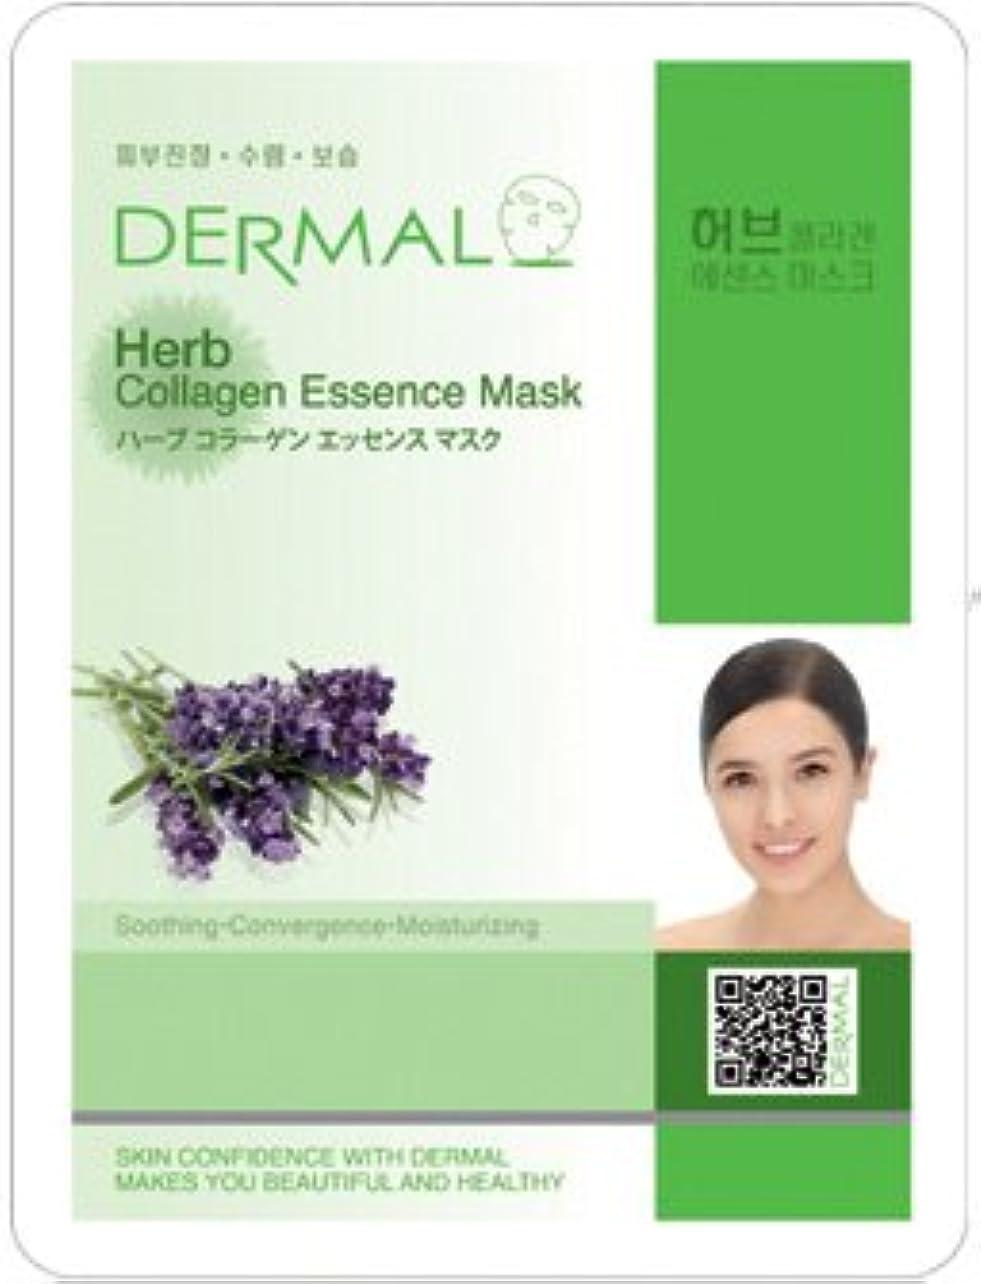 制限された専門知識狂うシートマスク ハーブ 10枚セット ダーマル(Dermal) フェイス パック